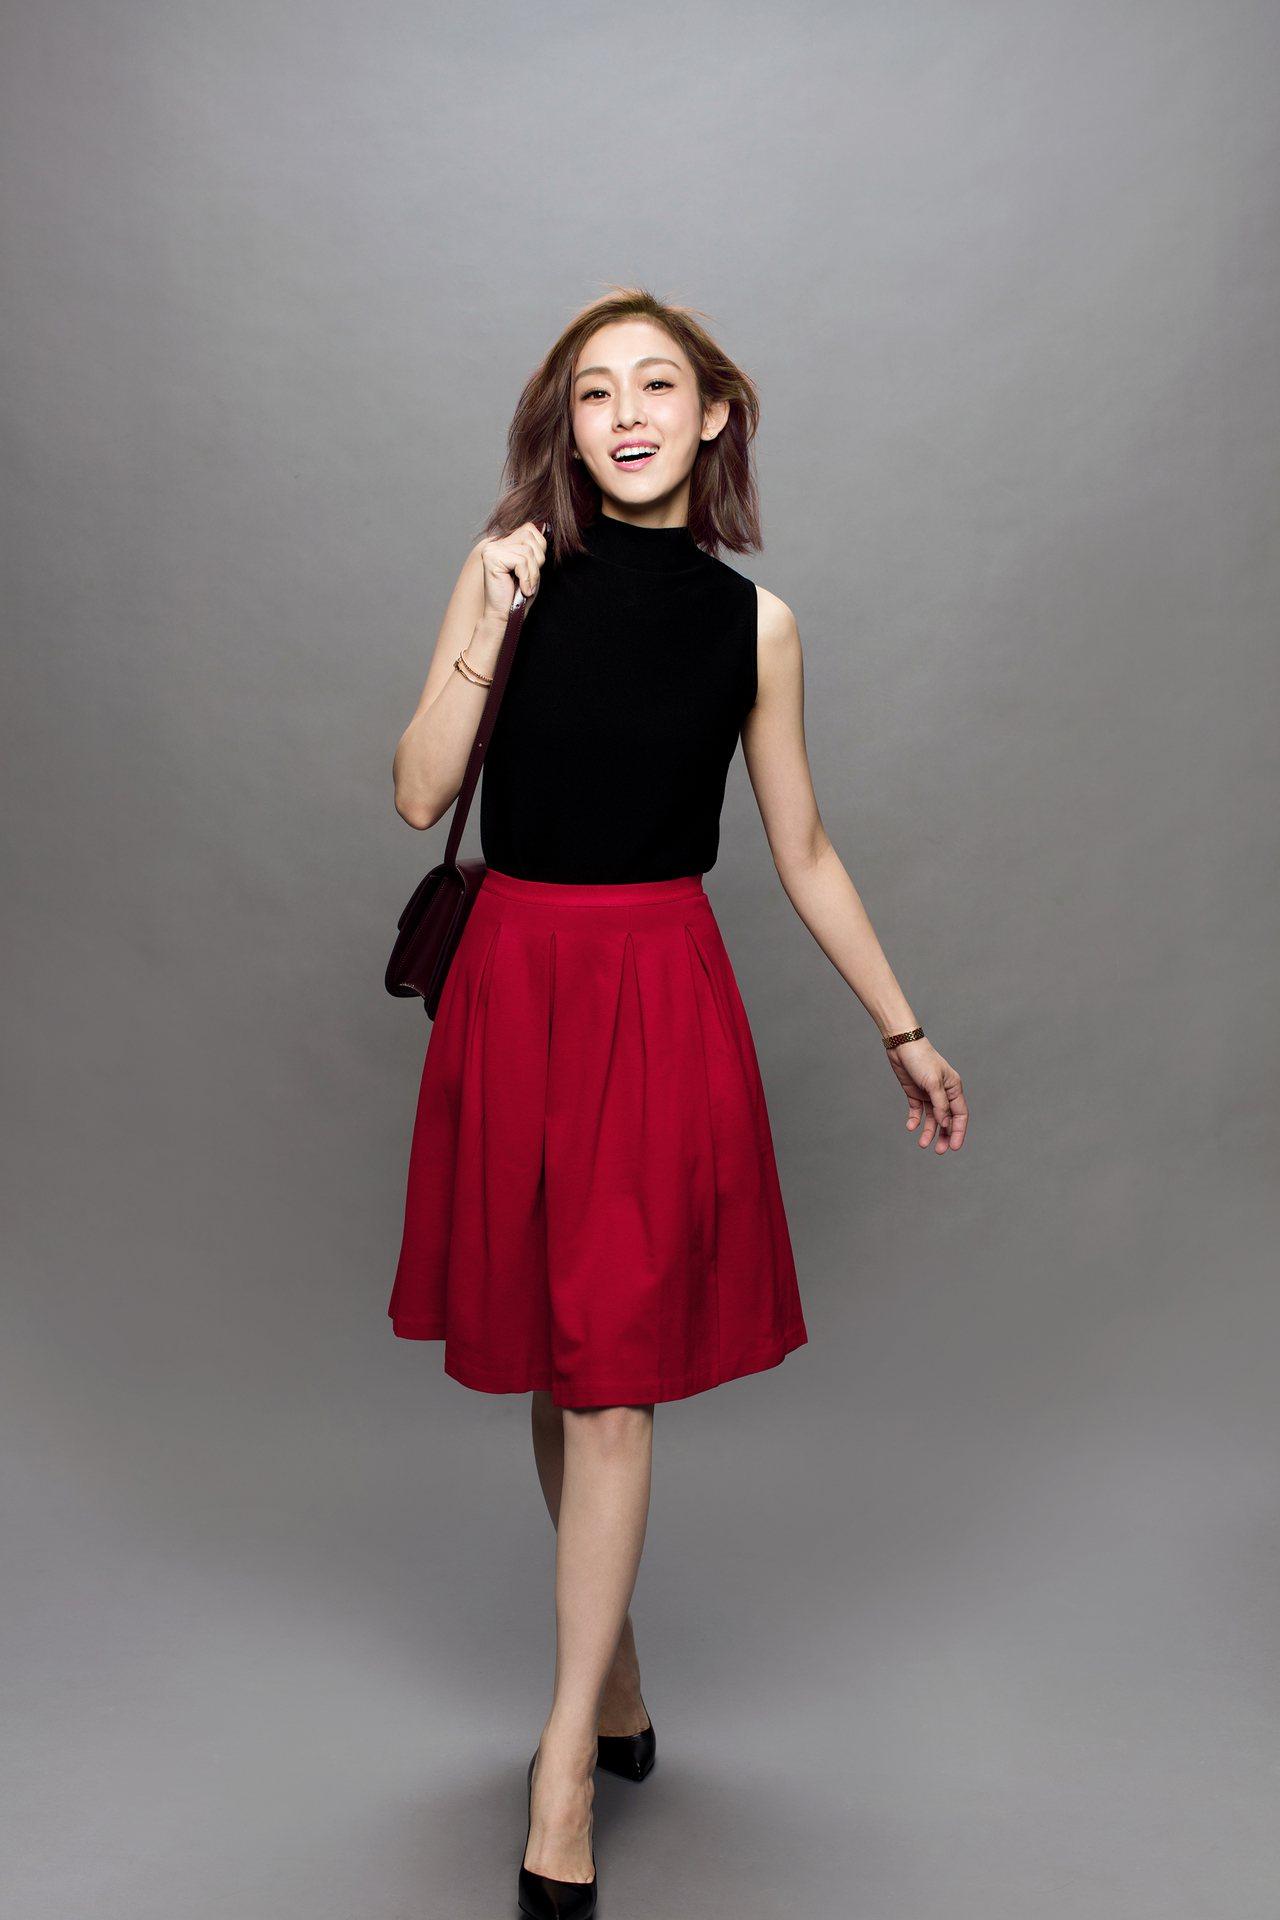 范瑋琪自創服飾品牌GENQUO進駐momo購物網,開設首家品牌旗艦館。圖/mom...